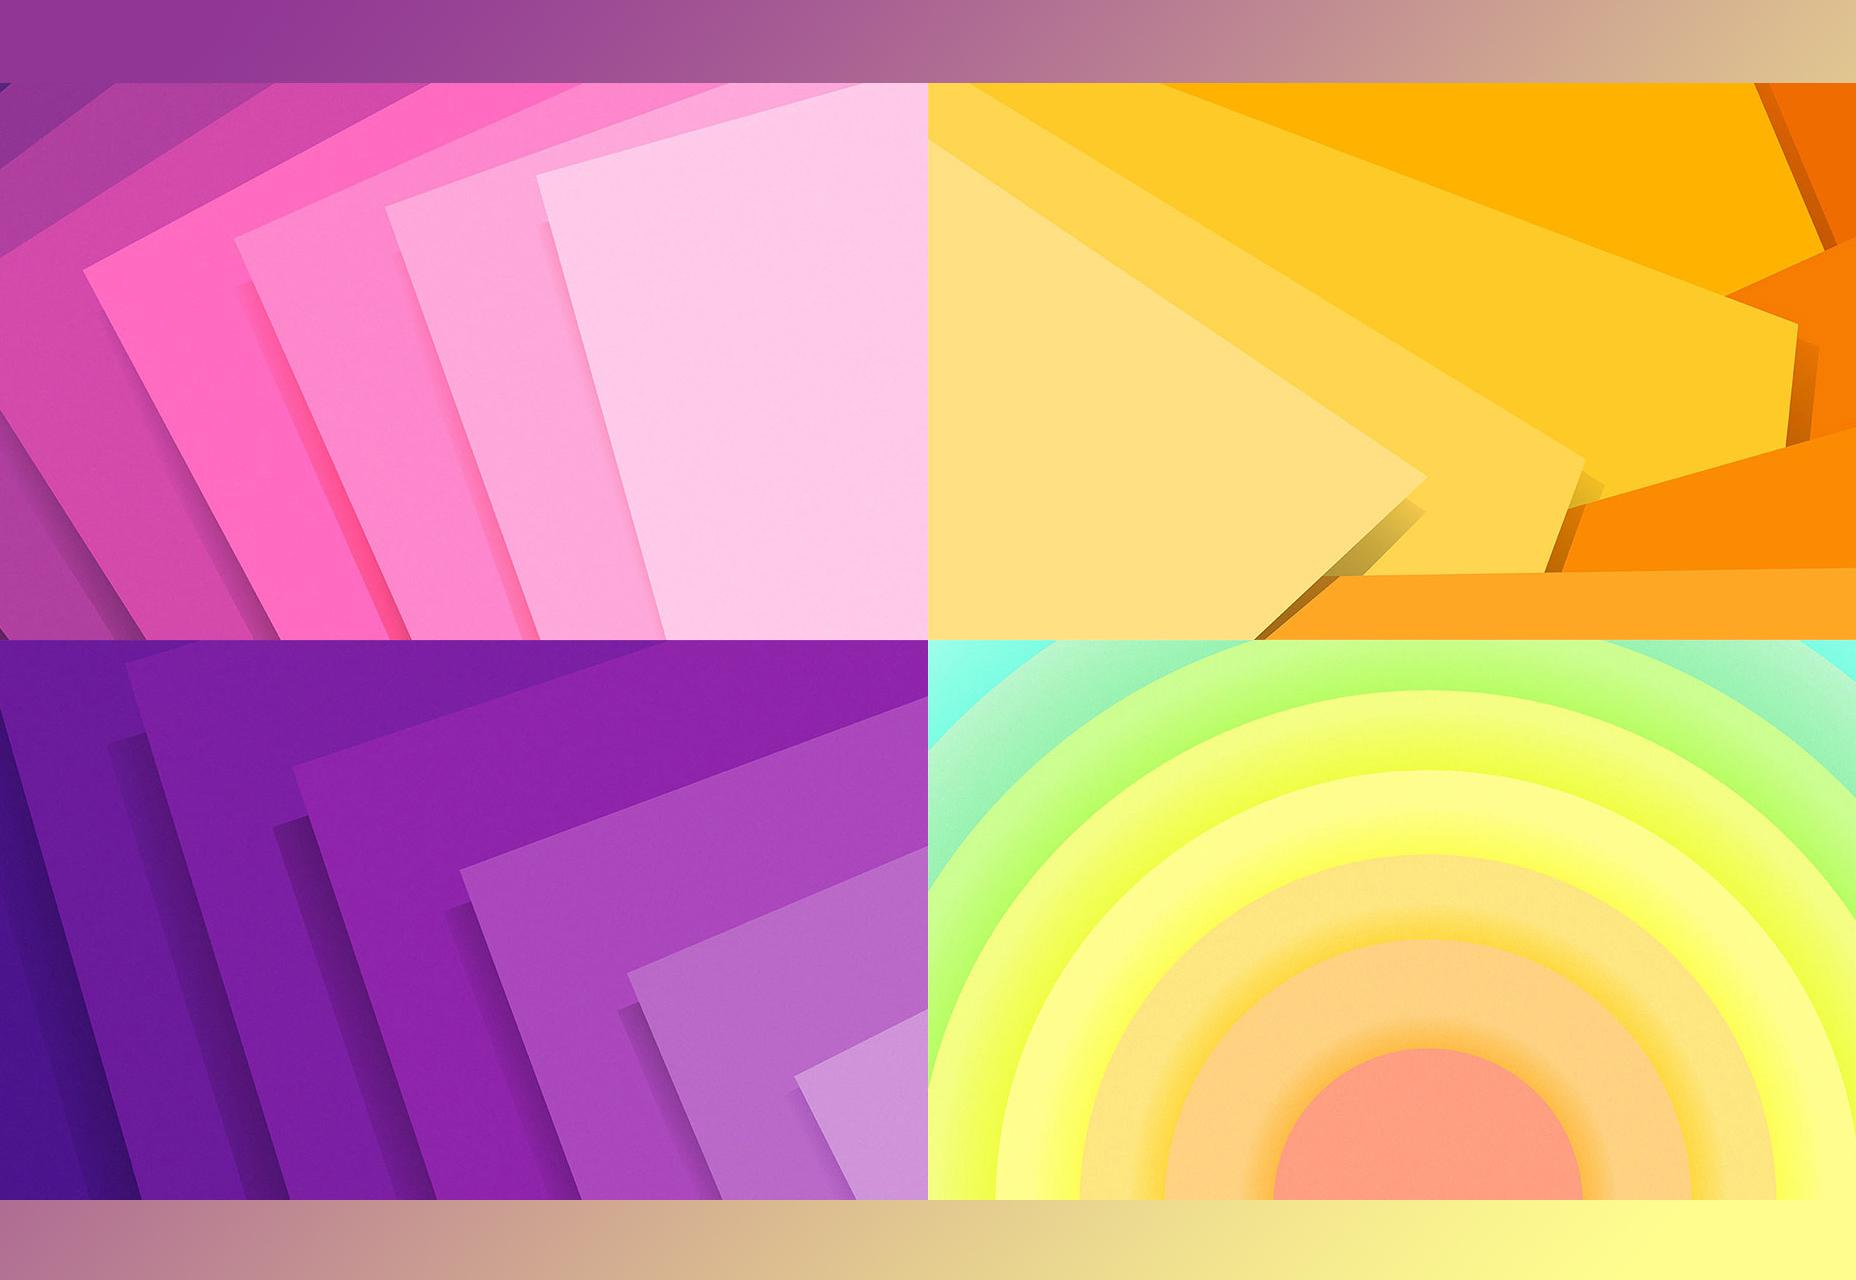 十二月设计圈干货素材大合集 - 百科教程网_经验分享